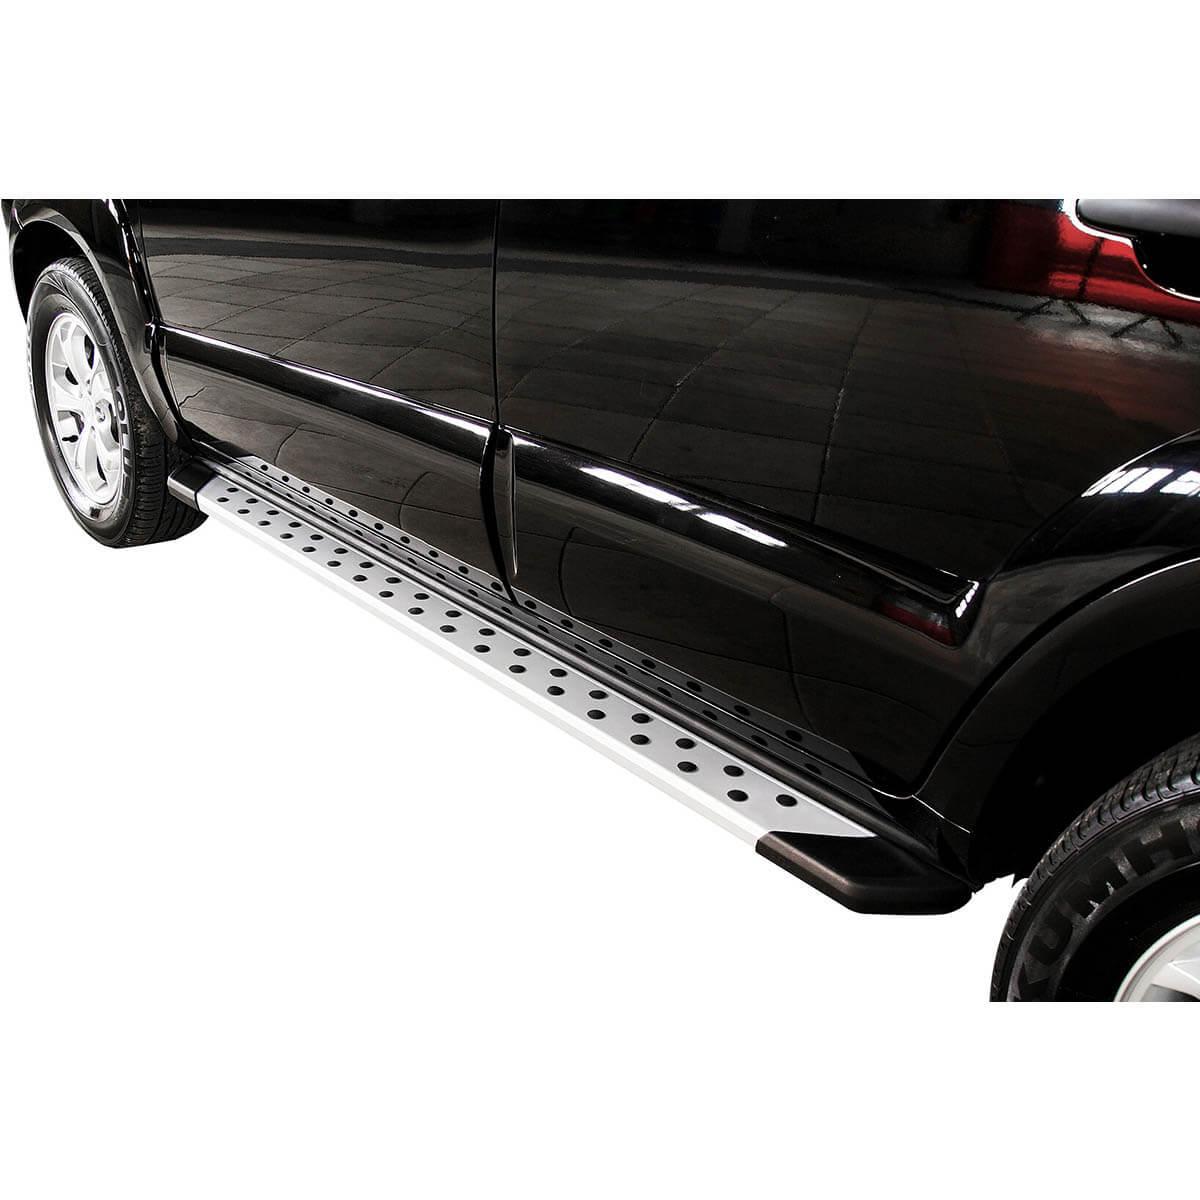 Estribo SUV Bepo alumínio polido Tucson 2005 a 2017